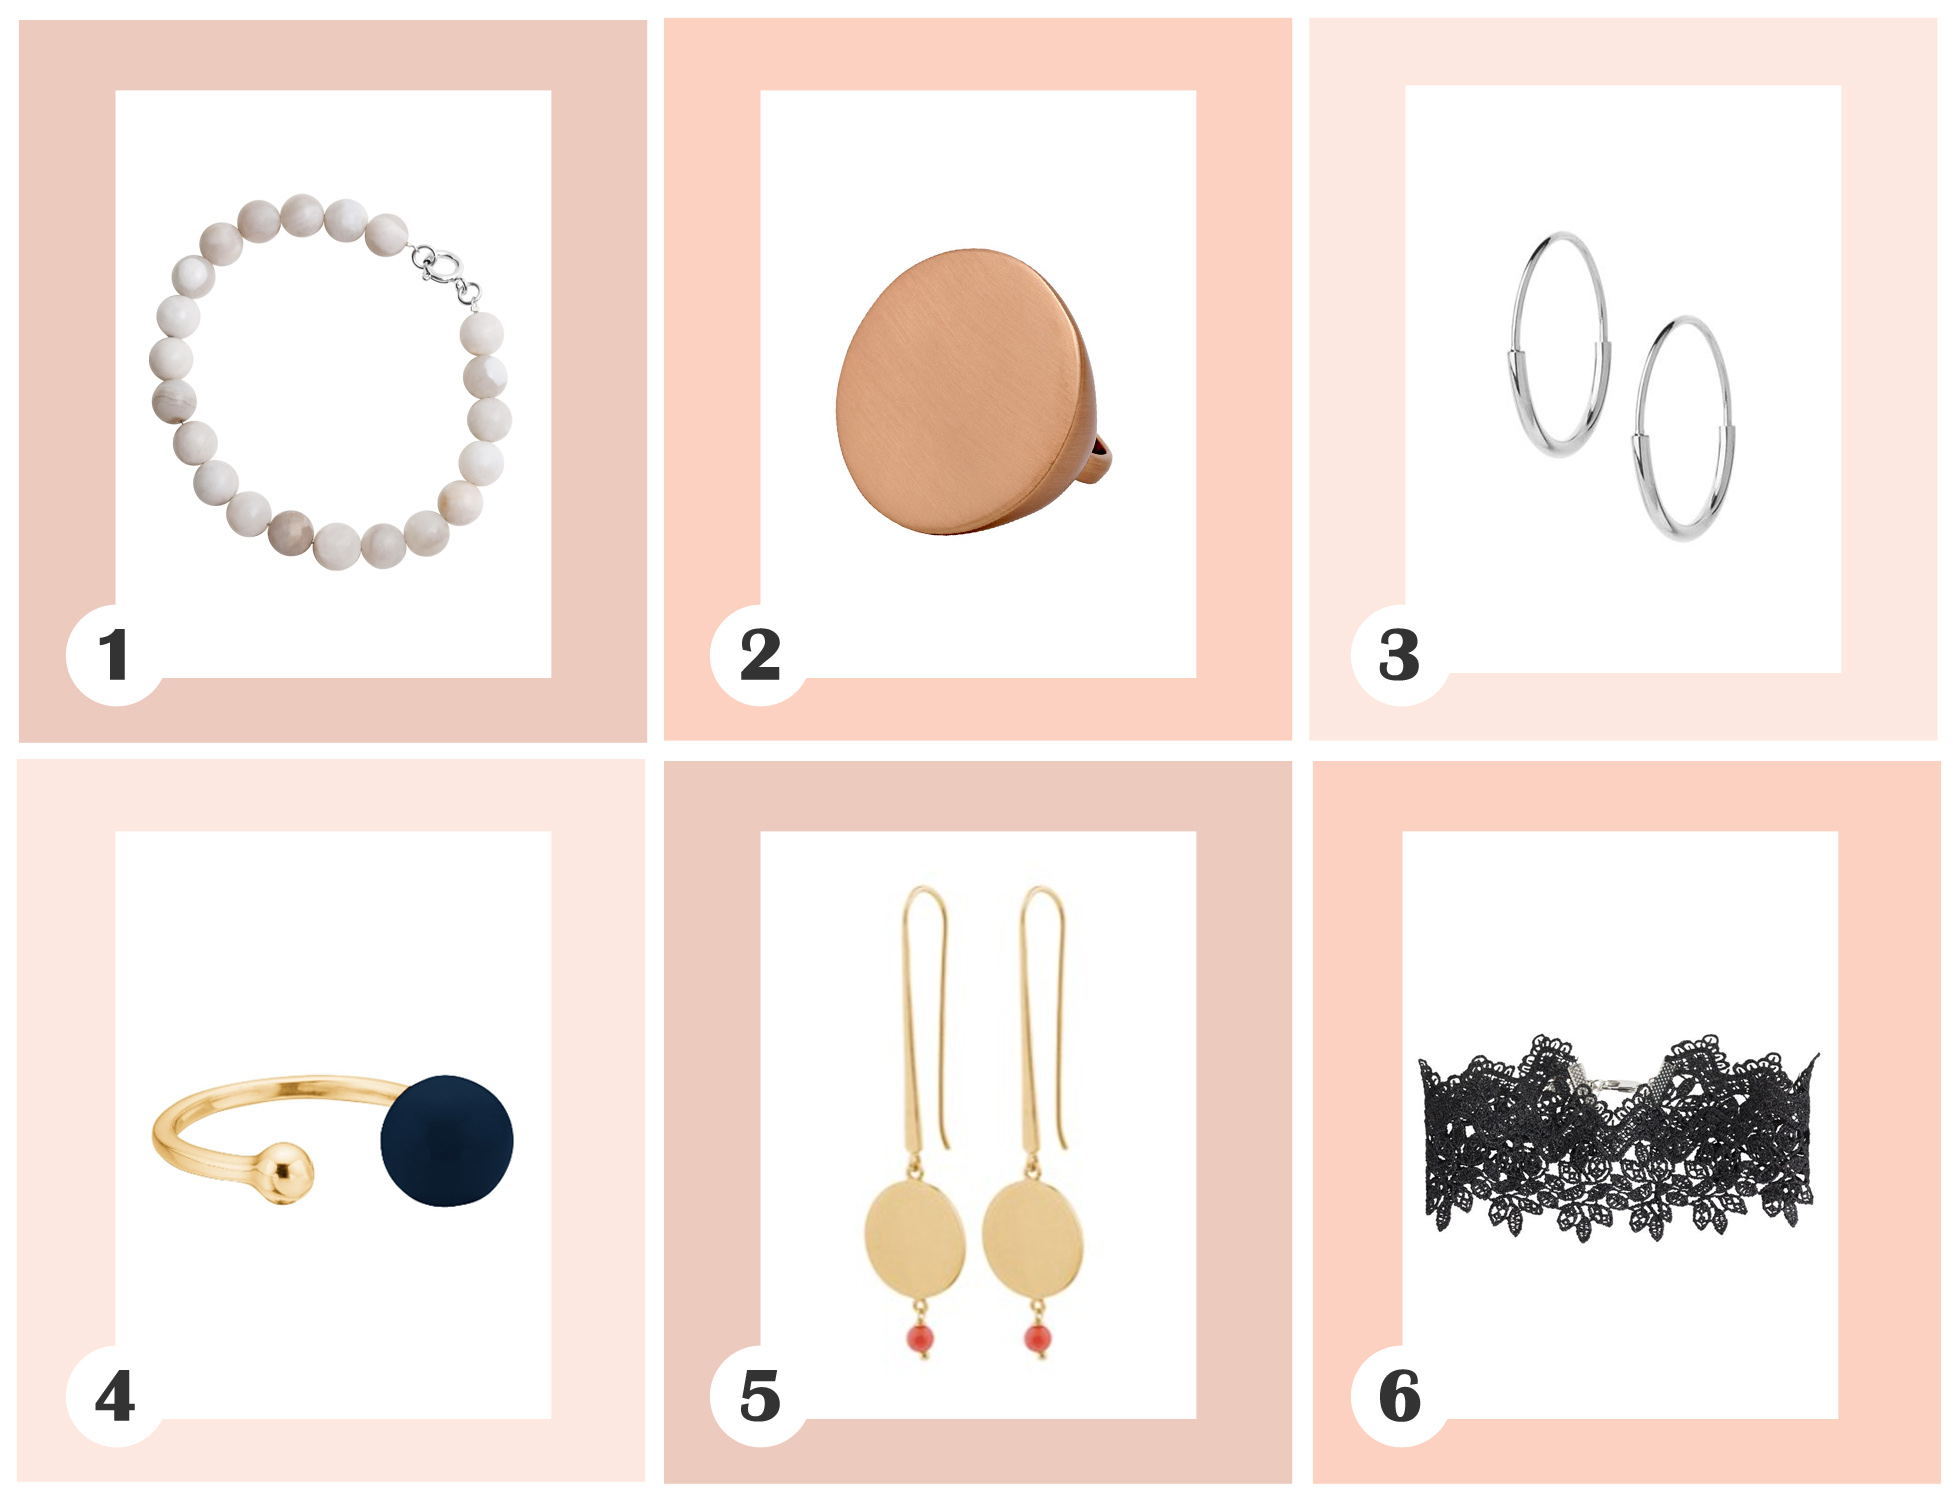 smykkemode, smykker, efterår, nude, hvid, grå, rosa, sort, mørkeblå, rubinrød, pilgrim, persuede, maria black, enamel, pernille corydon, pieces, armbånd, ring, ørering, halskæde